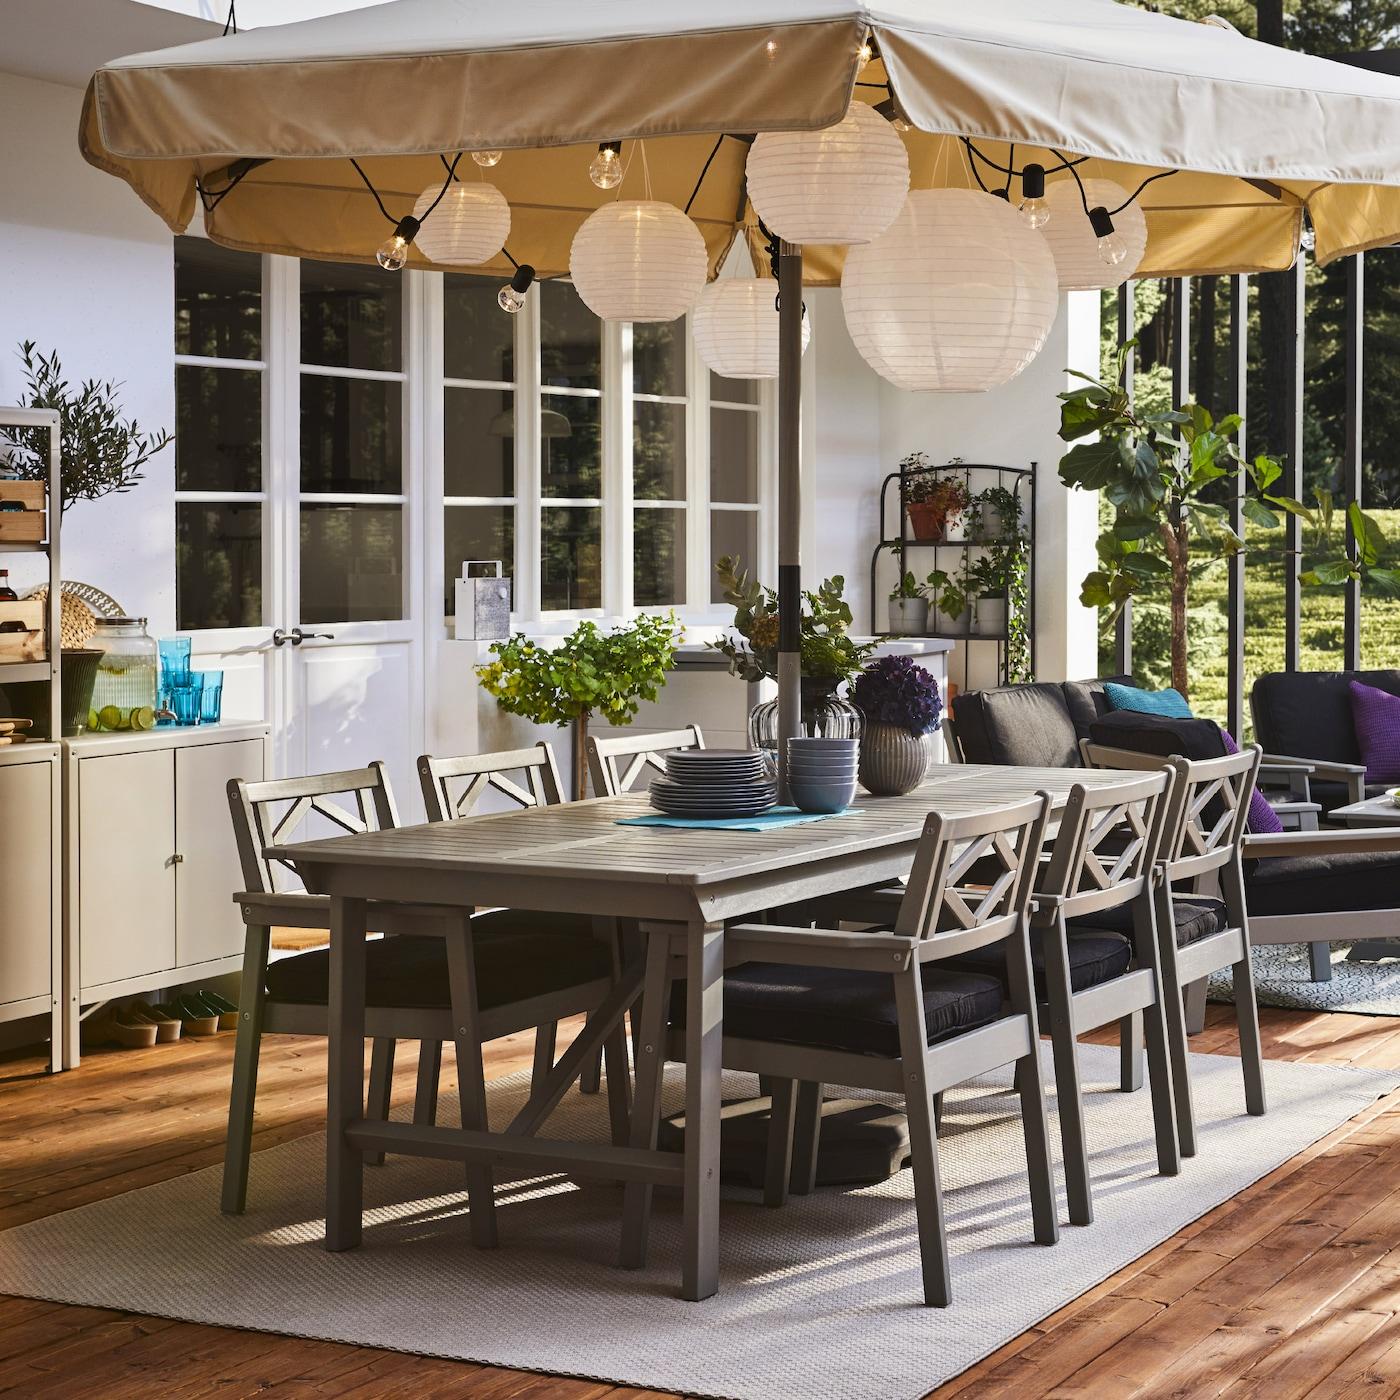 Eine stilvolle Terrasse mit KLASEN Kohlegrill, Servierwagen, Regal, Sonnenschirm, BONDHOLMEN Tisch, Hocker und Armlehnstühlen.